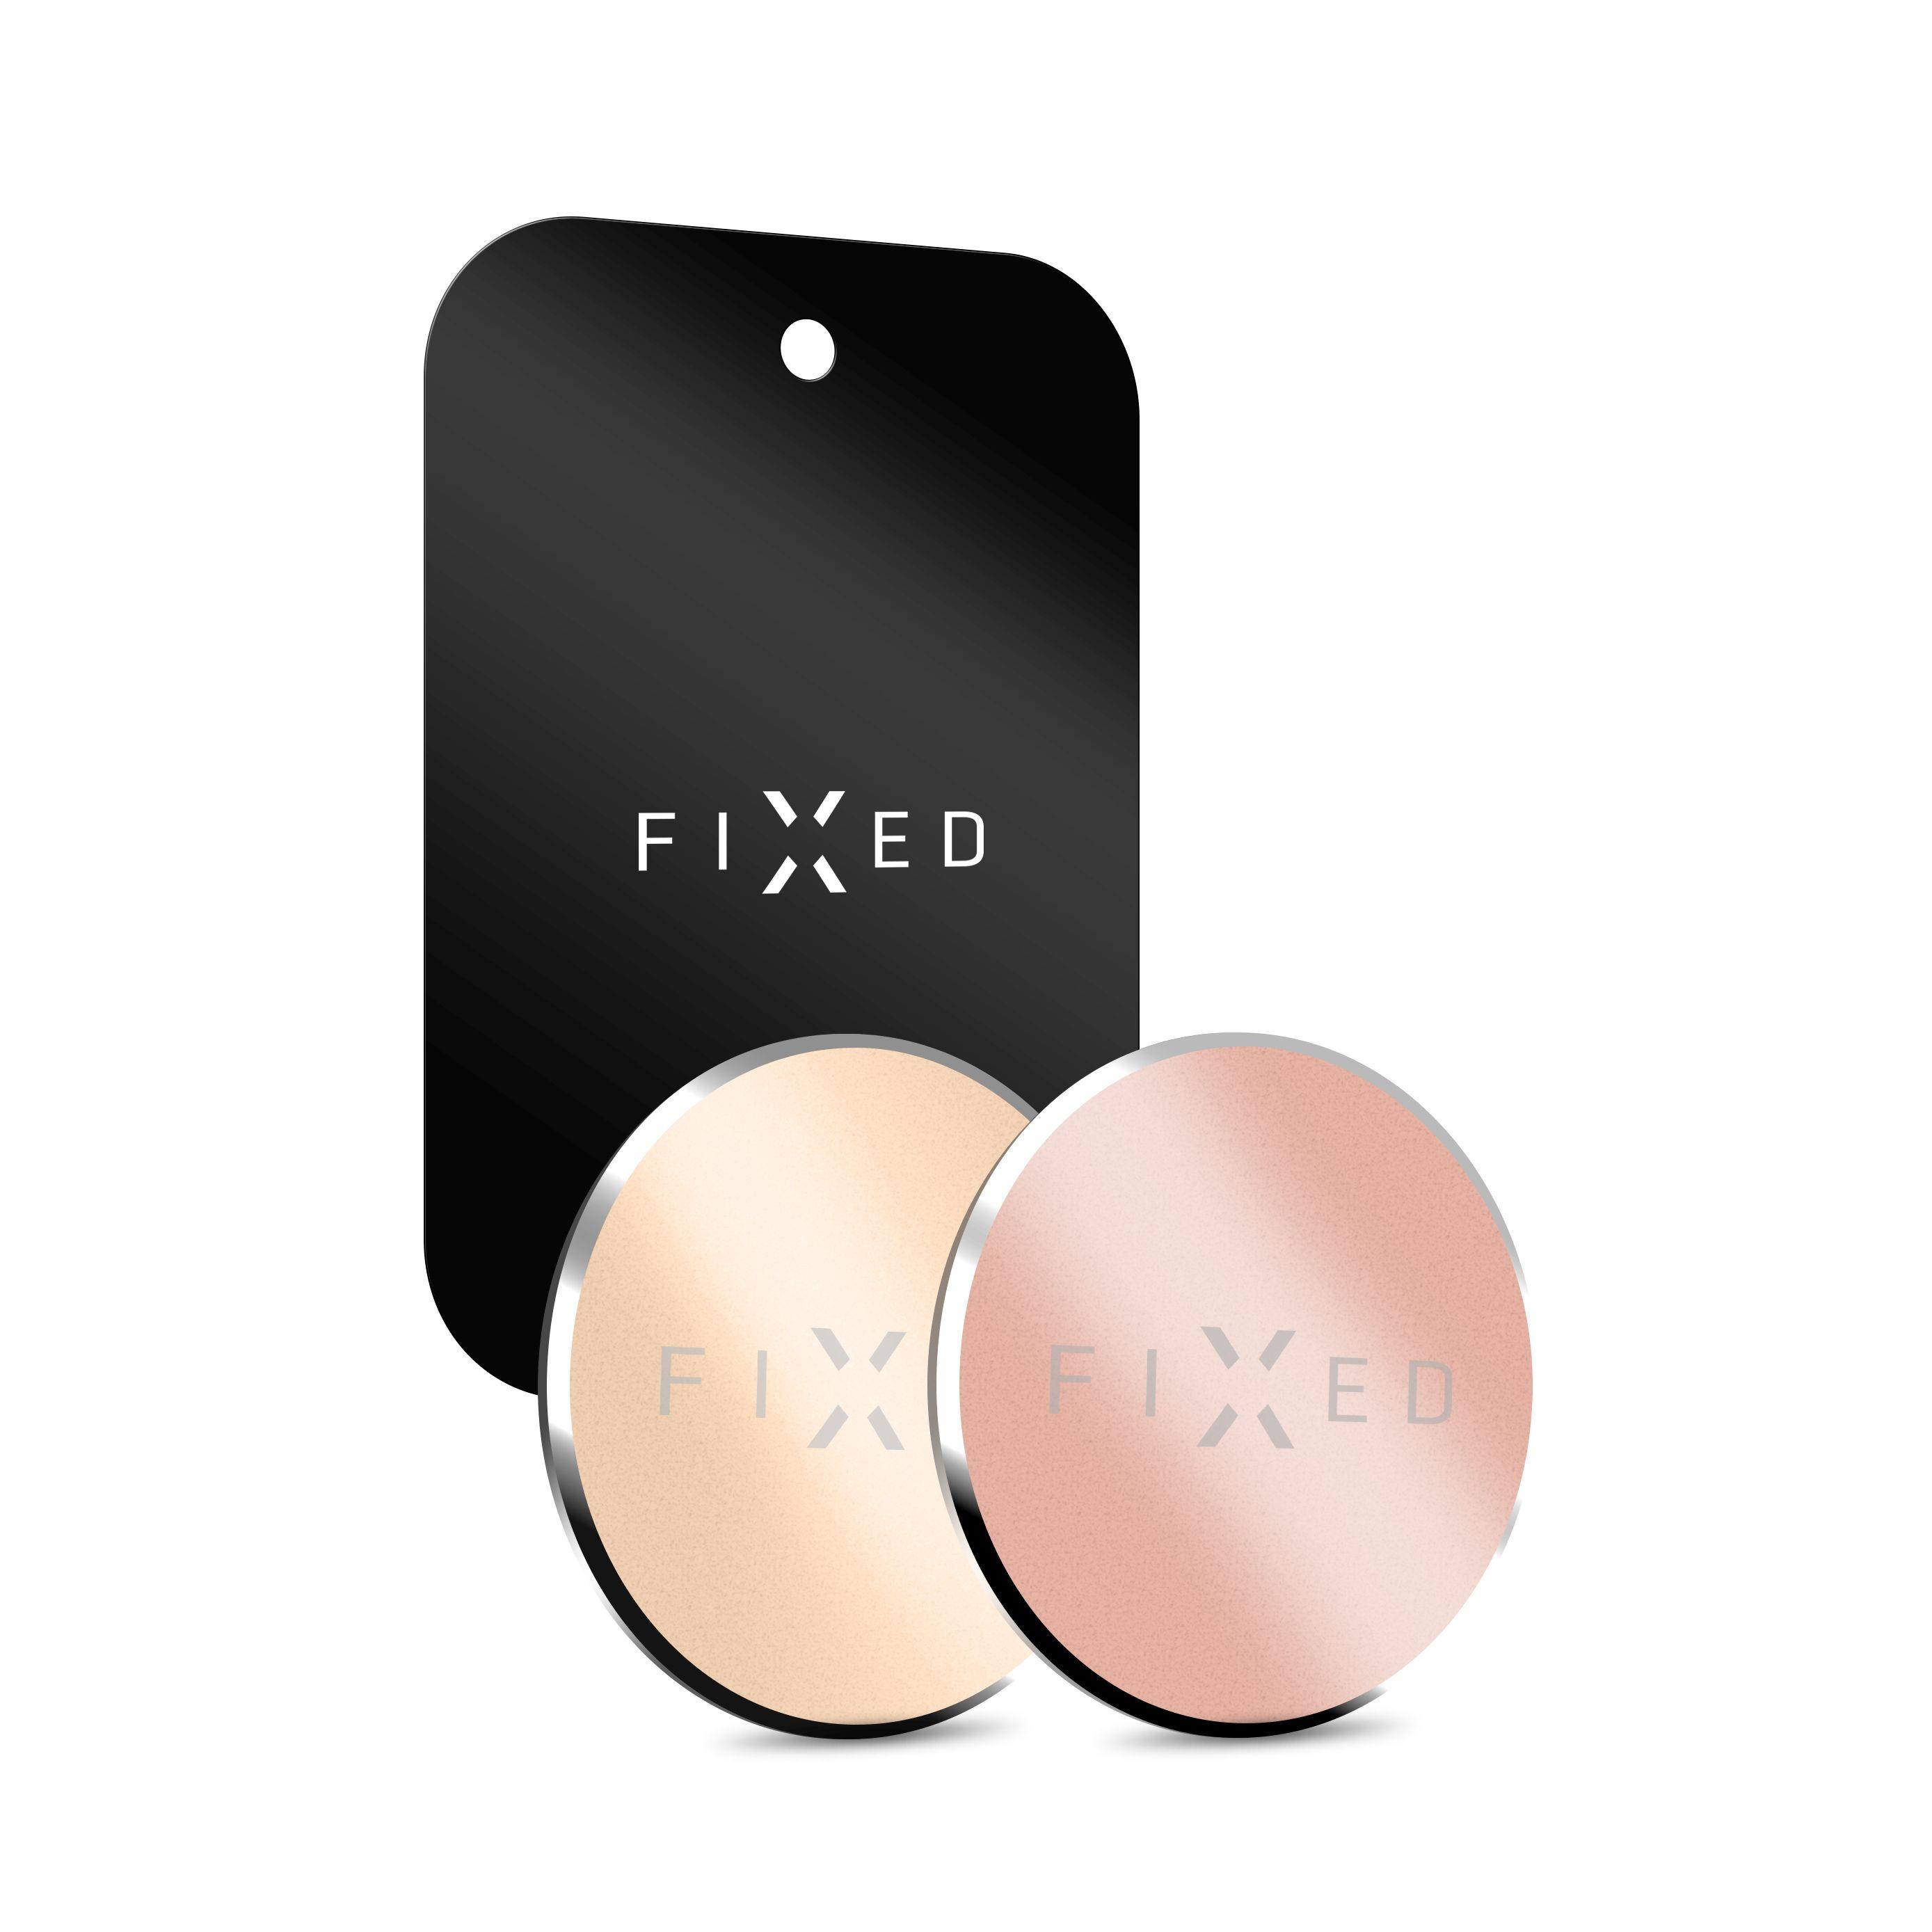 Sada 3ks podložek Fixed Magnetto pro magnetické držáky - zlatá a růžovozlatá